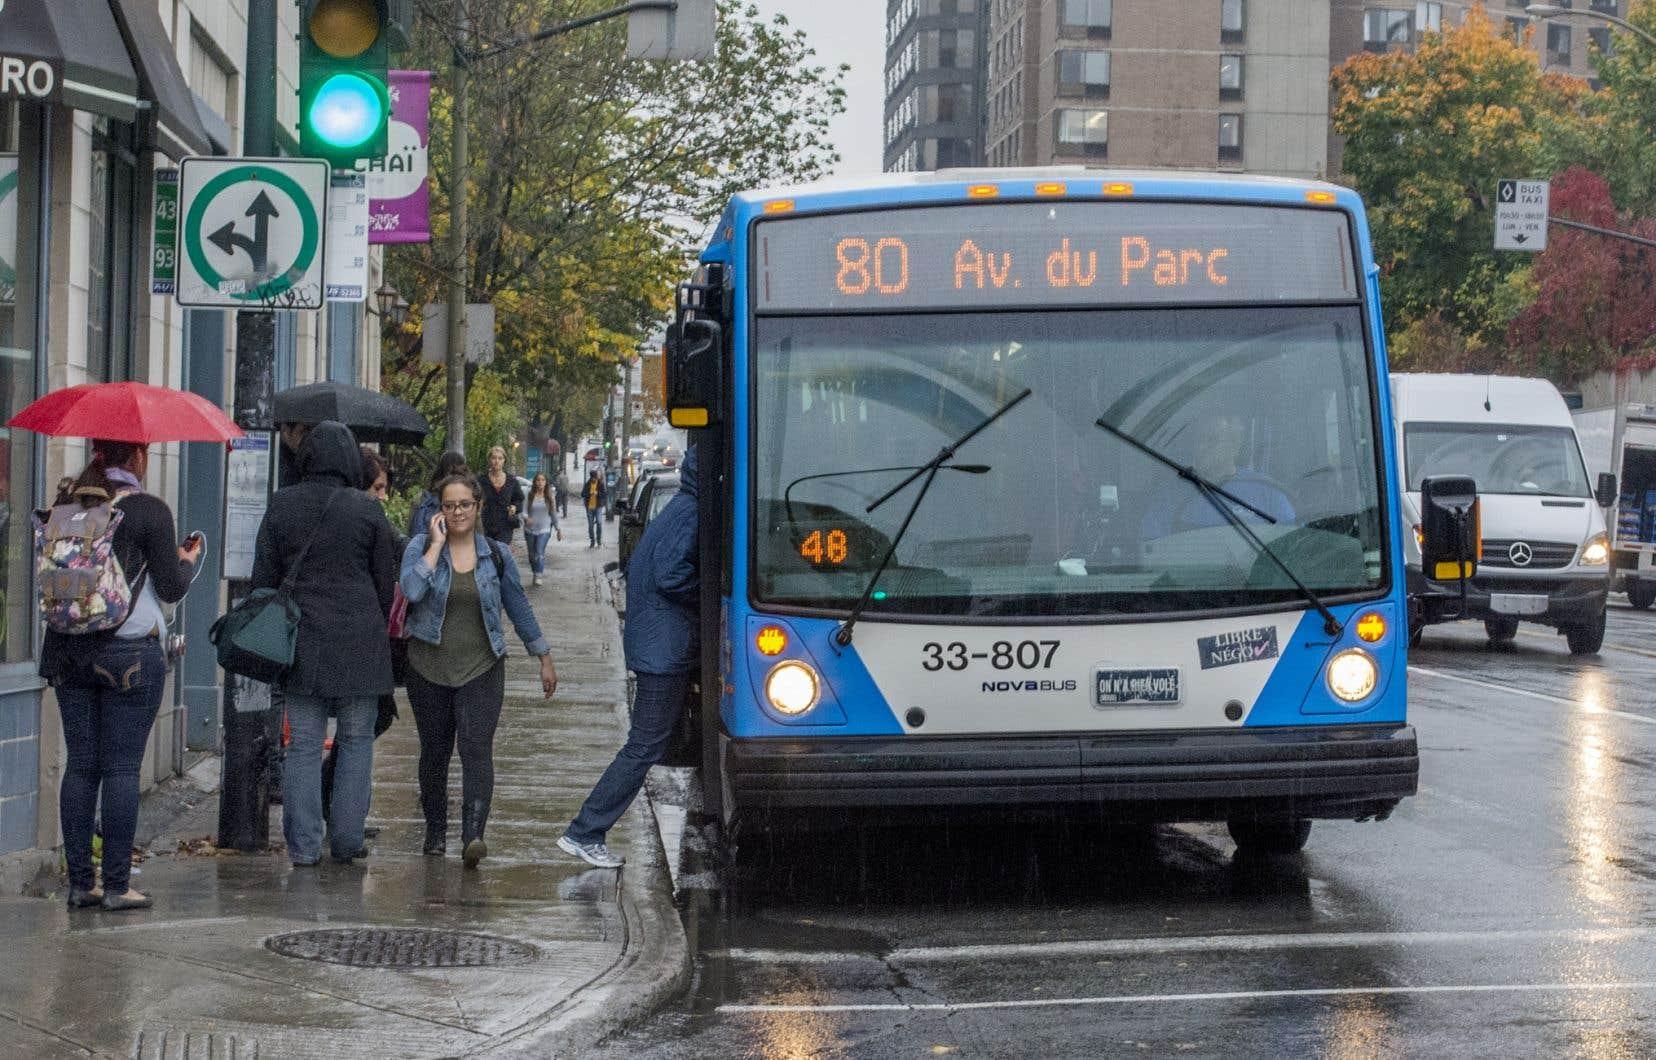 Comment justifier les priorités en matière de transport en commun si l'on ne coordonne pas leur planification avec celle du territoire?